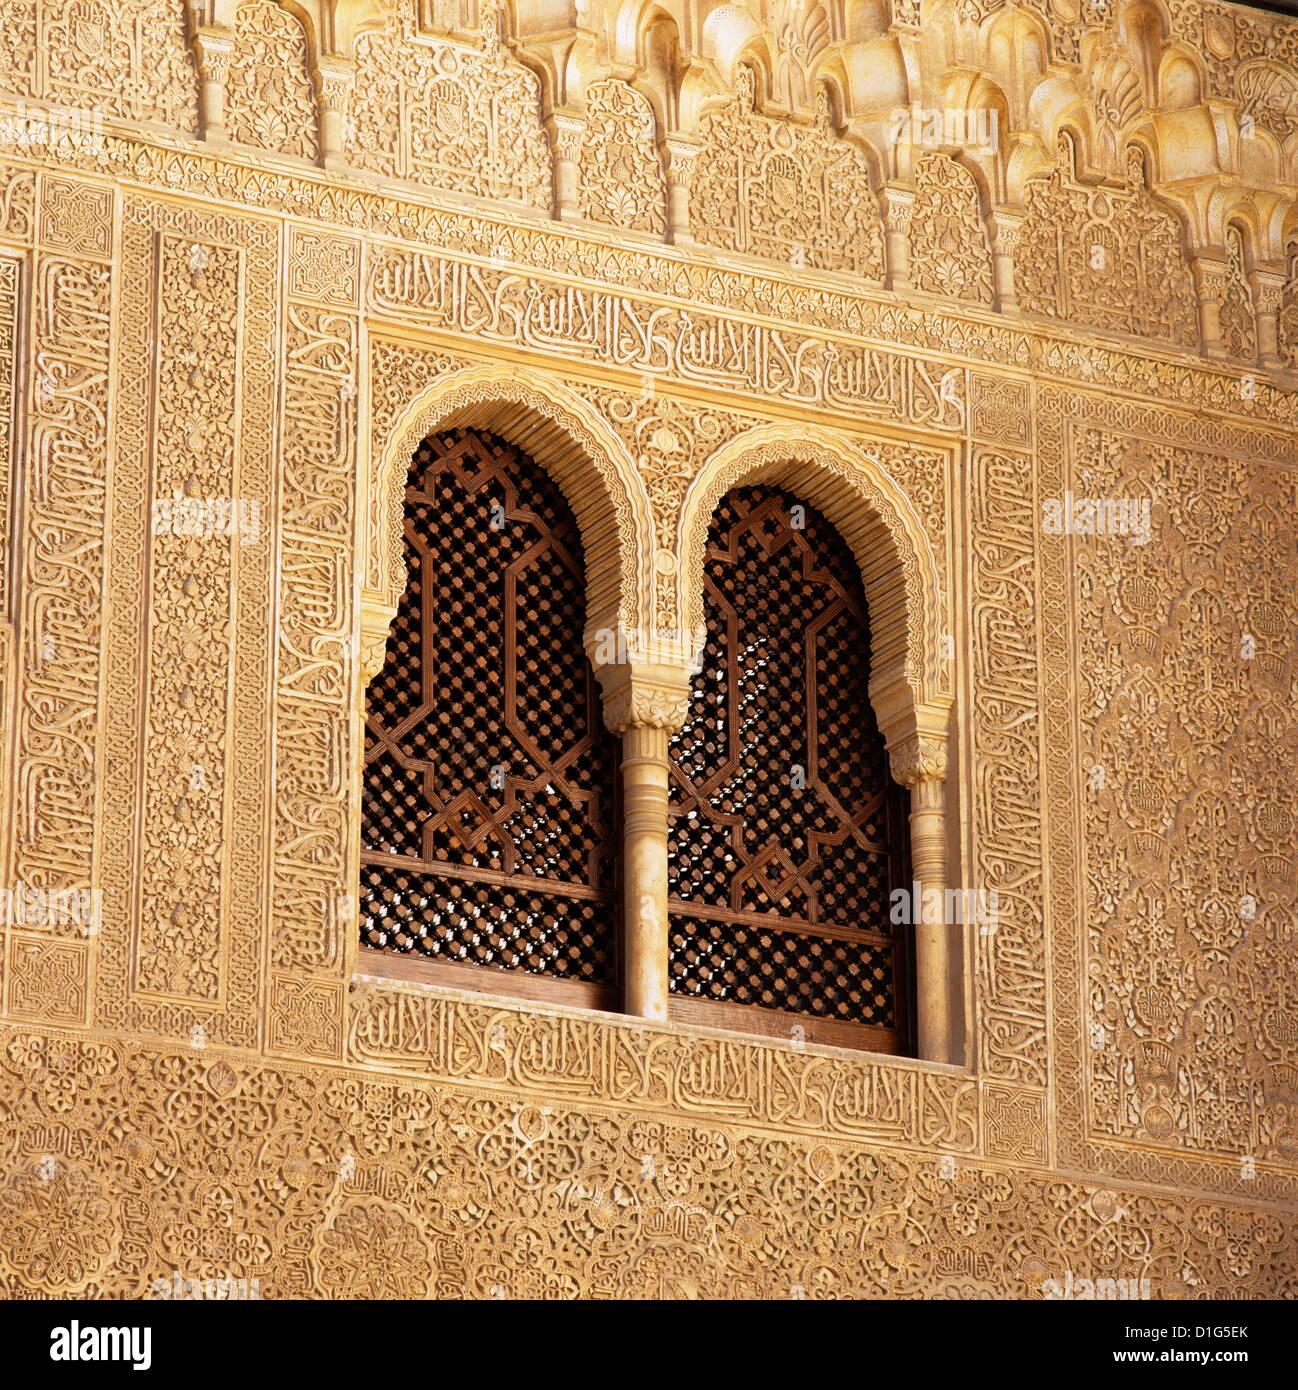 Detalle de la ventana morisca y inscripciones en árabe en los Palacios Nazaries, Palacio de la Alhambra, Granada, Imagen De Stock